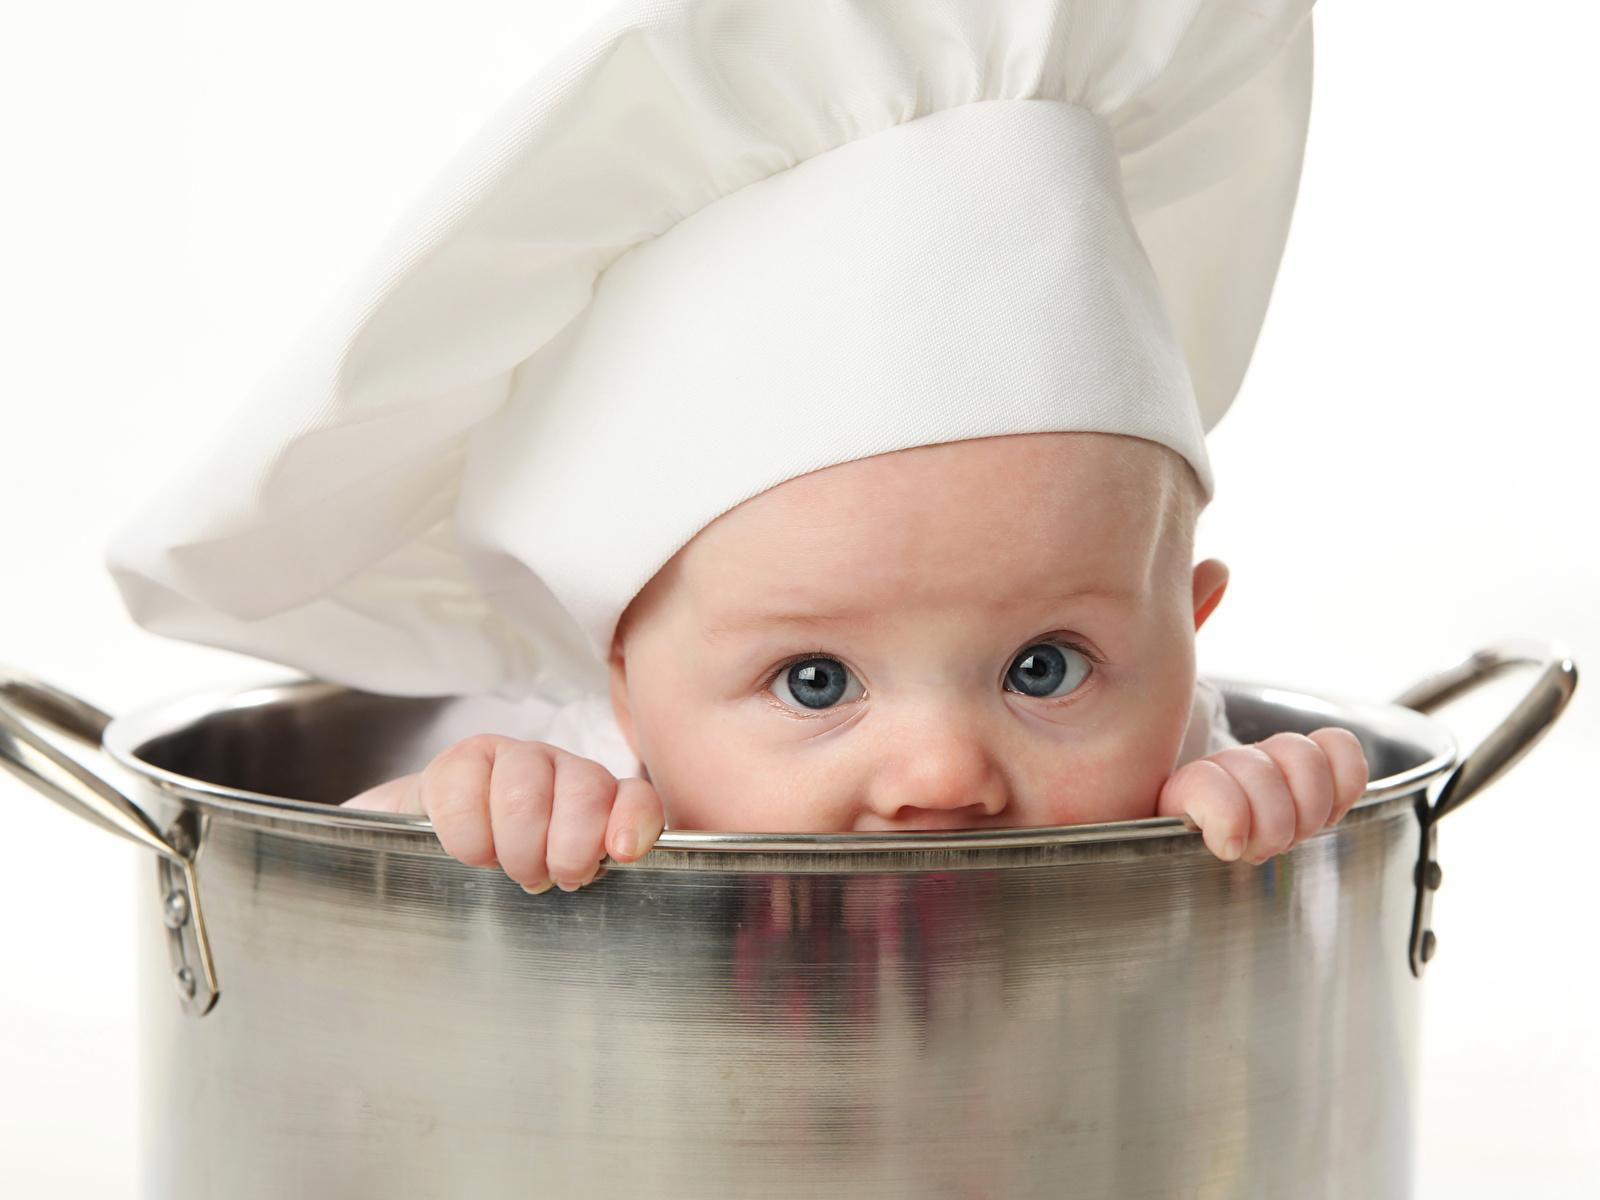 Нос ребенка изнутри фото